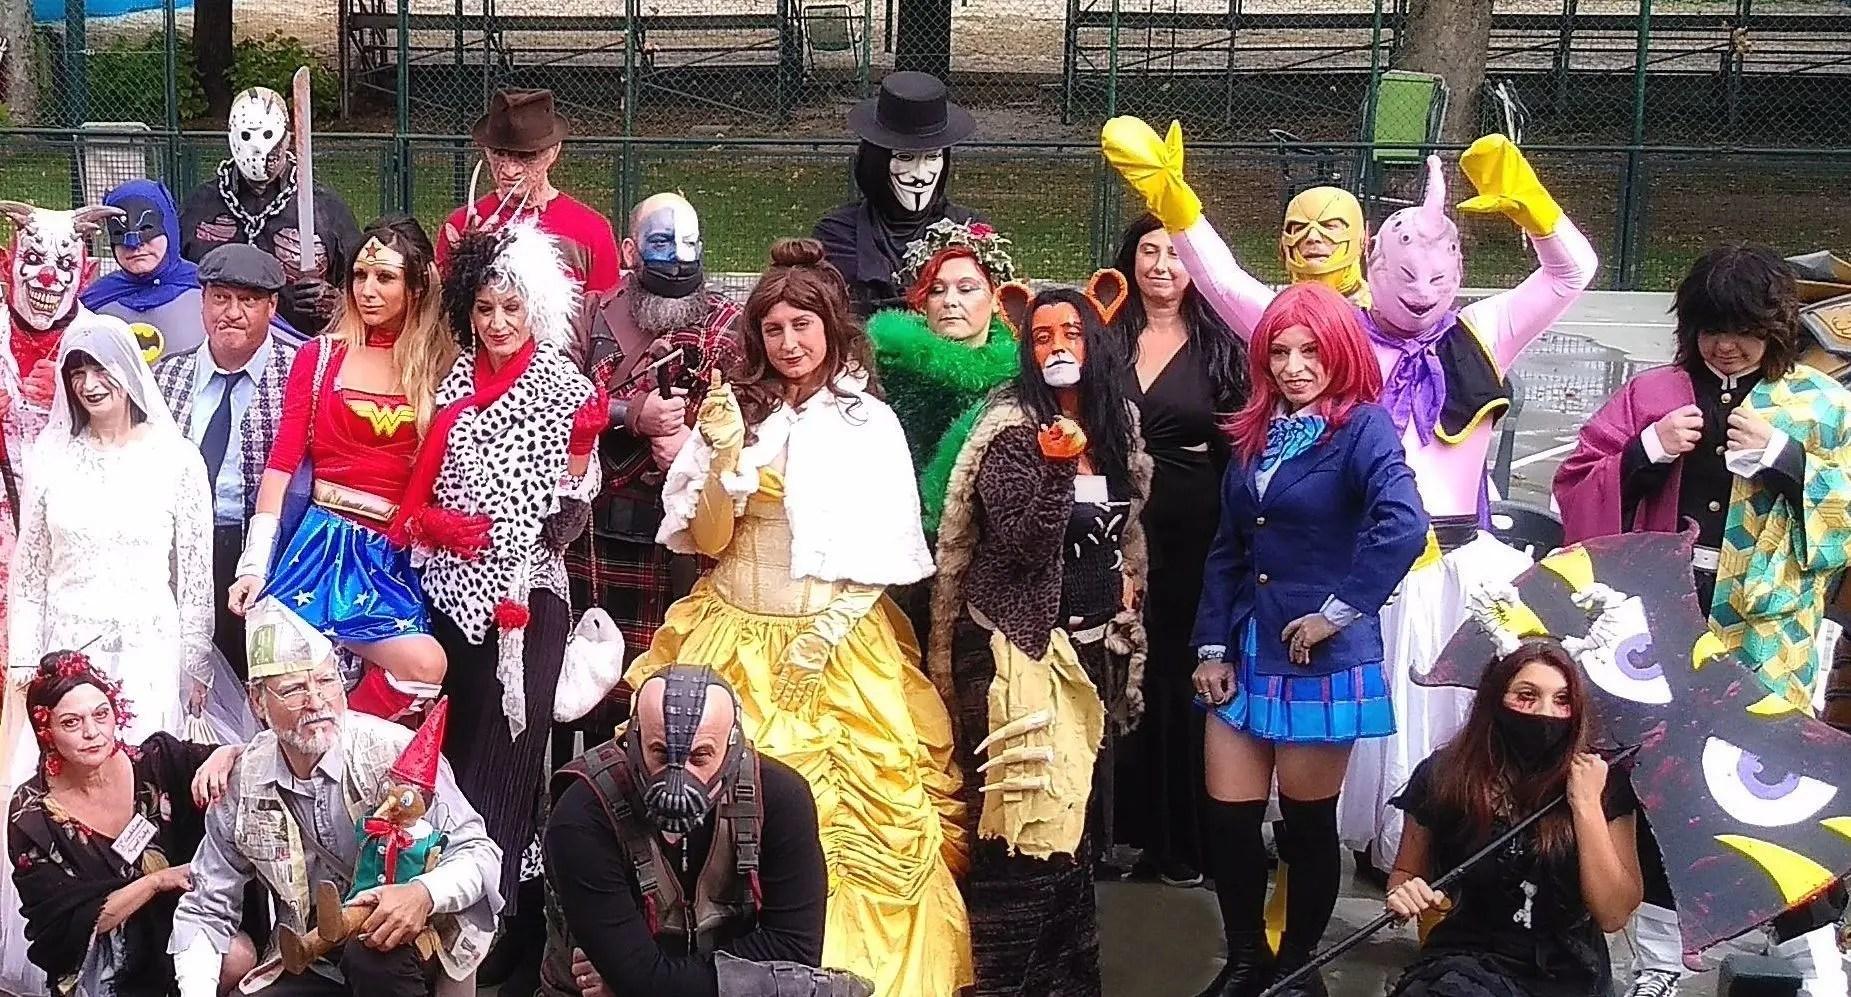 Tanti costumi e divertimento al raduno Original Cosplay 3.0 in collaborazione con Do it Nerd!